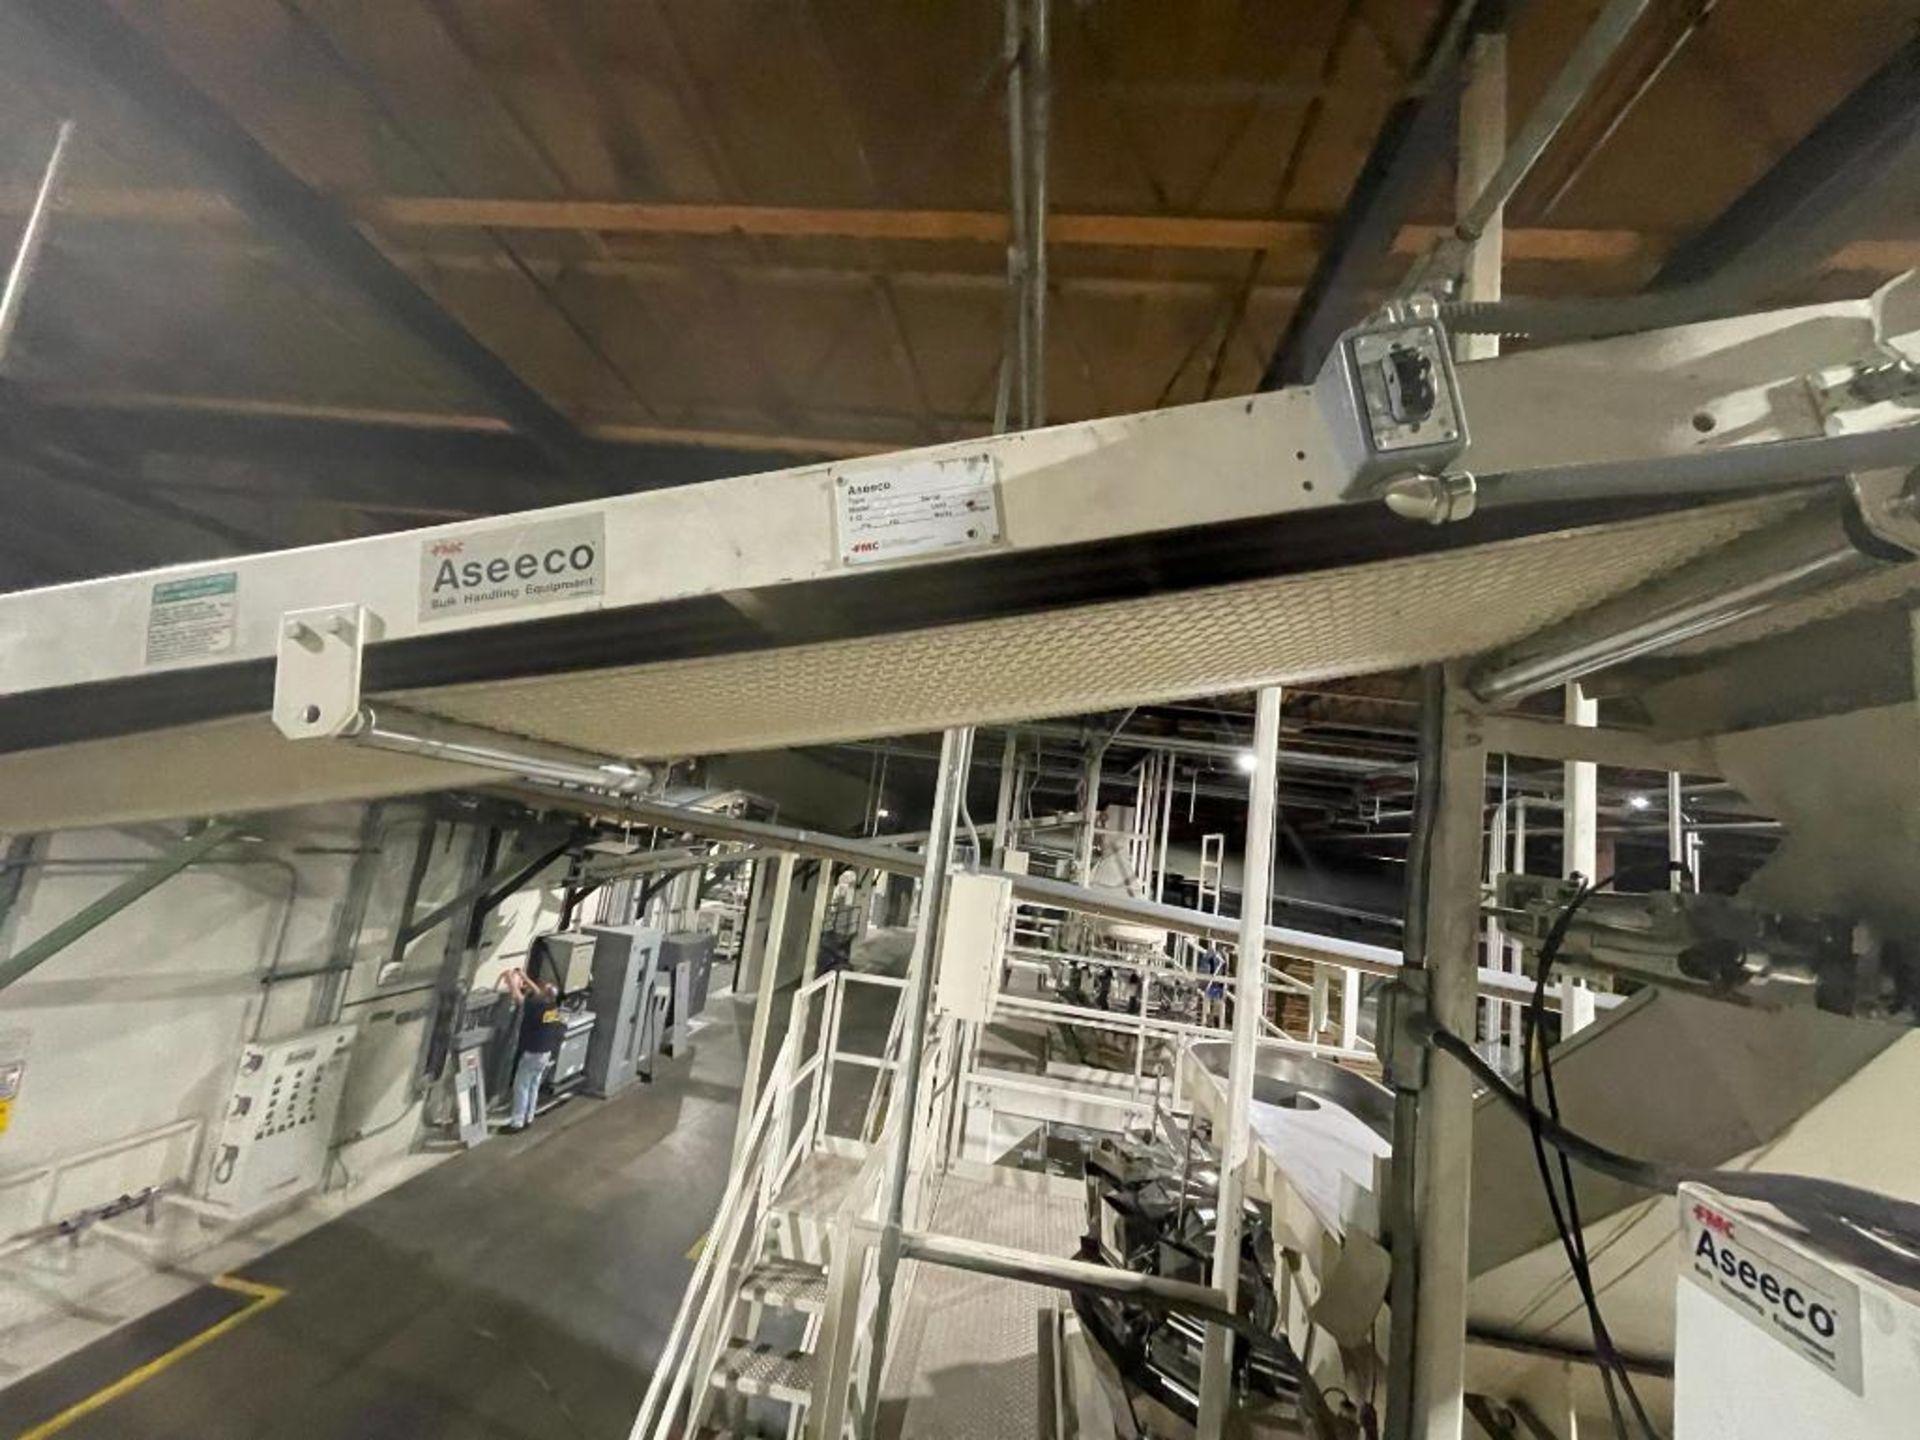 mild steel overhead belt conveyor - Image 9 of 12